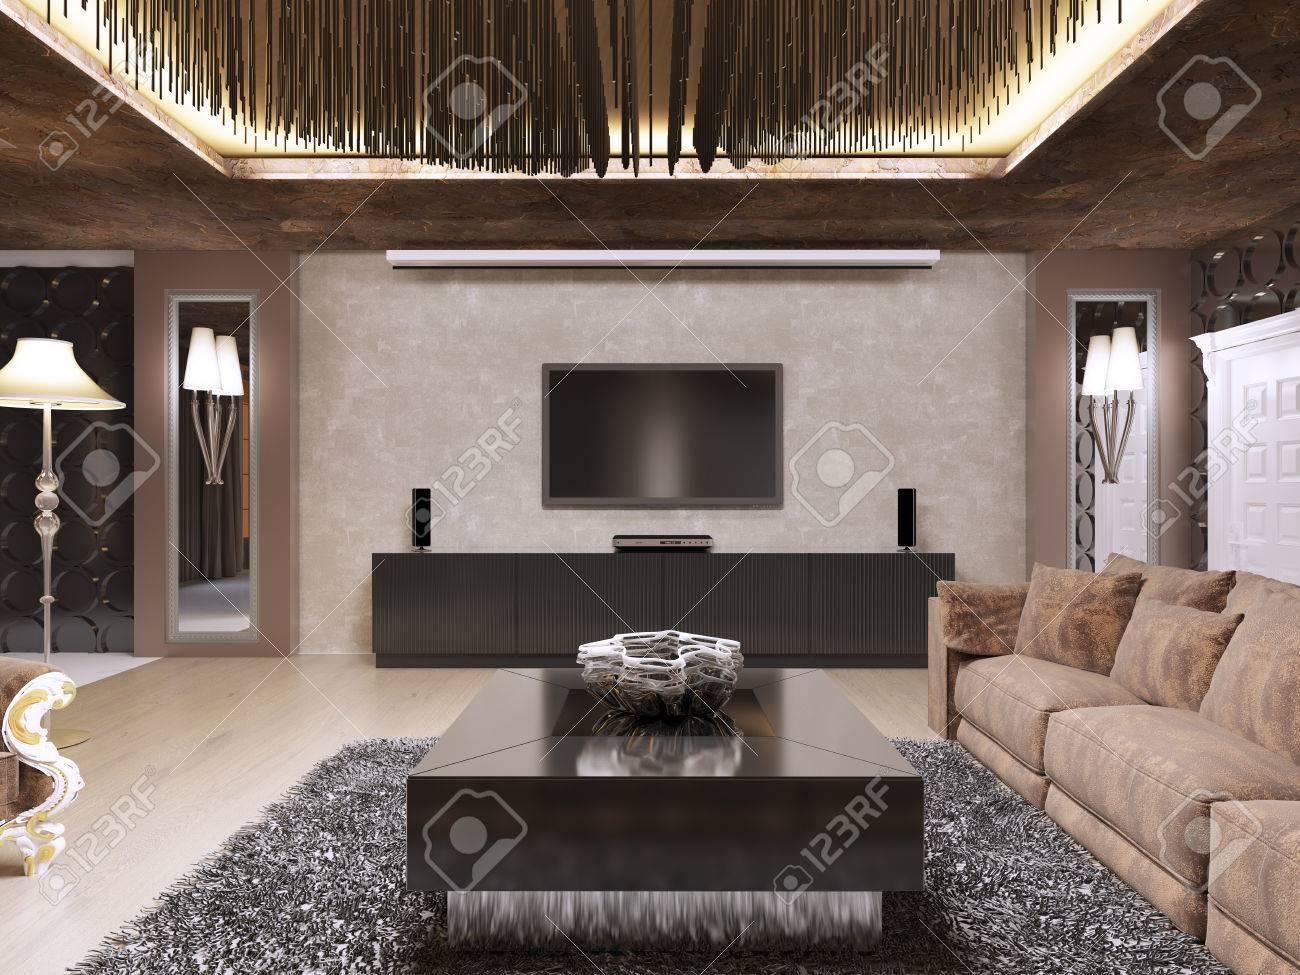 Standard Bild   TV Einheit Im Luxuriösen Wohnzimmer Im Modernen Stil  Gestaltet. Das Design Ist In Brauner Und Gelber Farbe Gehalten. 3D  übertragen.